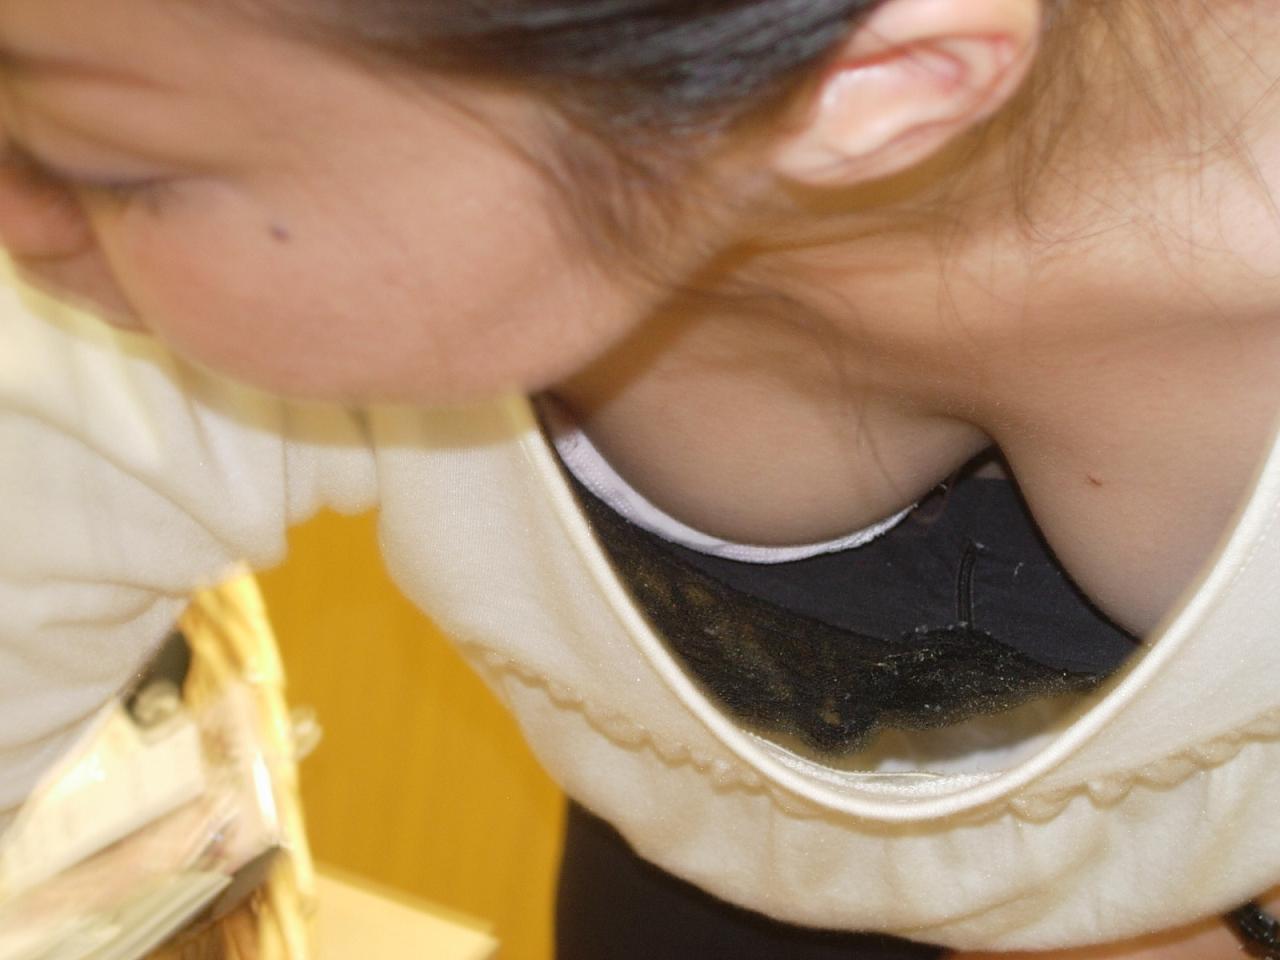 乳房のチラ見えはドキドキが止まらない (8)